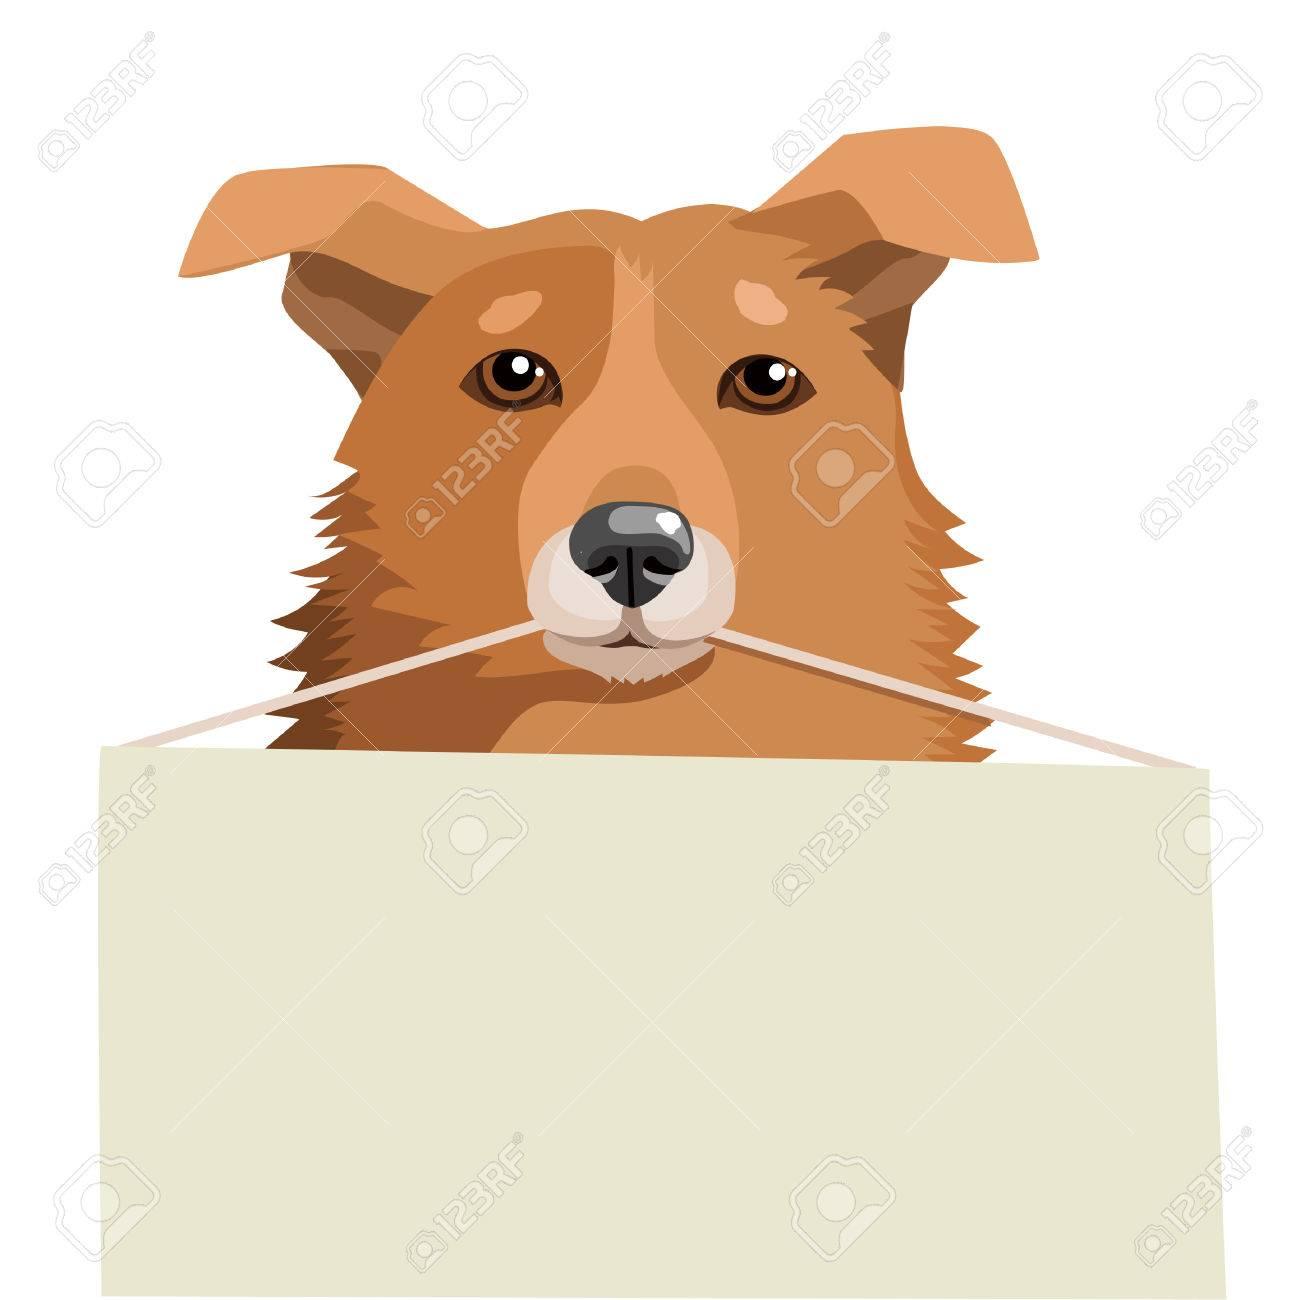 かわいい犬空白記号を保持します。白の背景にベクトル イラスト。私の